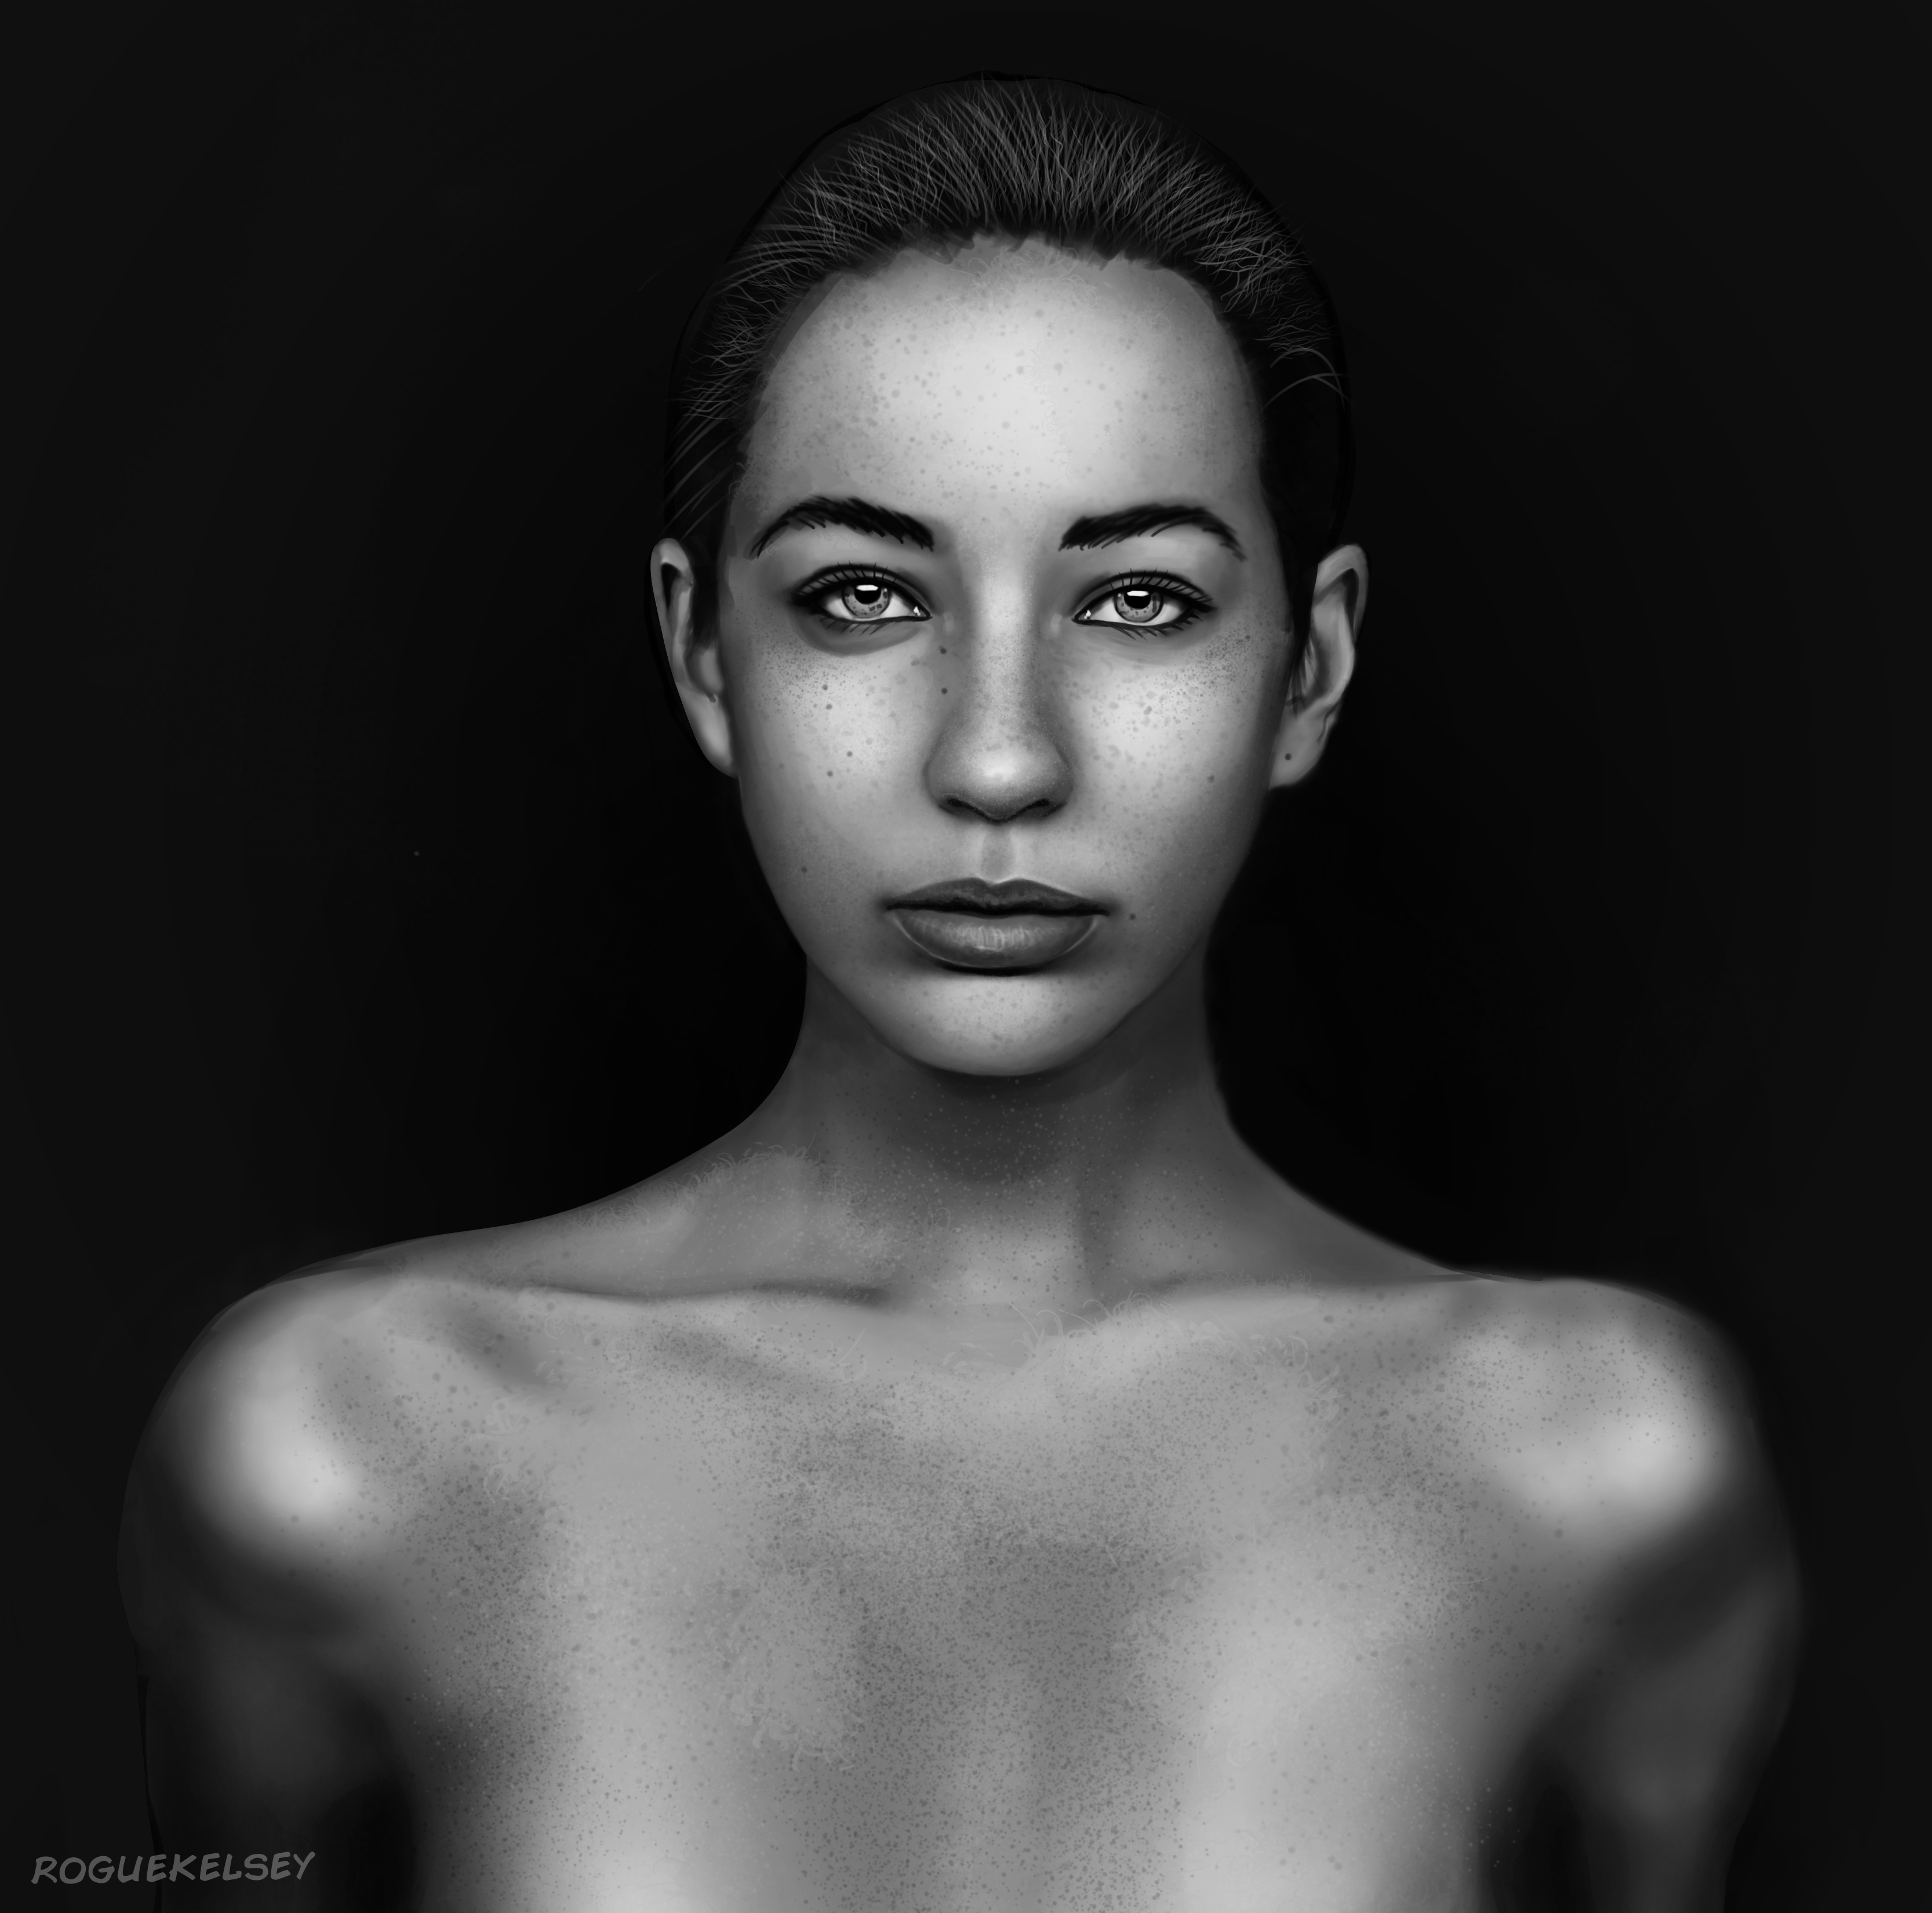 Portrait Study by ROGUEKELSEY